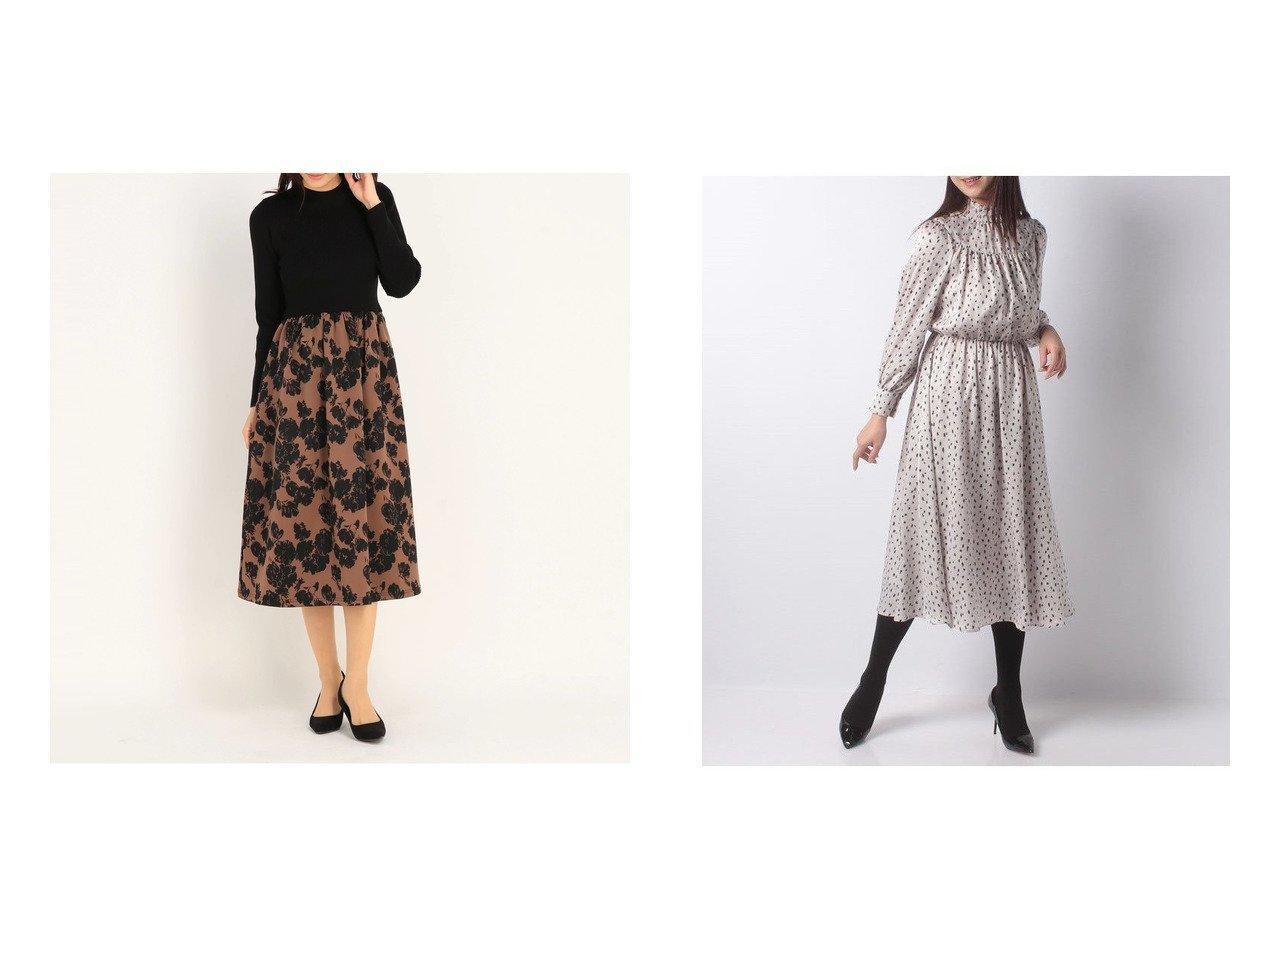 【STRAWBERRY FIELDS/ストロベリーフィールズ】のBGパトリオット ワンピース&【ANAYI/アナイ】のレオパードプリントシャーリングワンピース ワンピース・ドレスのおすすめ!人気、レディースファッションの通販  おすすめで人気のファッション通販商品 インテリア・家具・キッズファッション・メンズファッション・レディースファッション・服の通販 founy(ファニー) https://founy.com/ ファッション Fashion レディース WOMEN ワンピース Dress フィット フレア 人気 ギャザー シャーリング ハイネック プリント ミモレ レオパード  ID:crp329100000004272